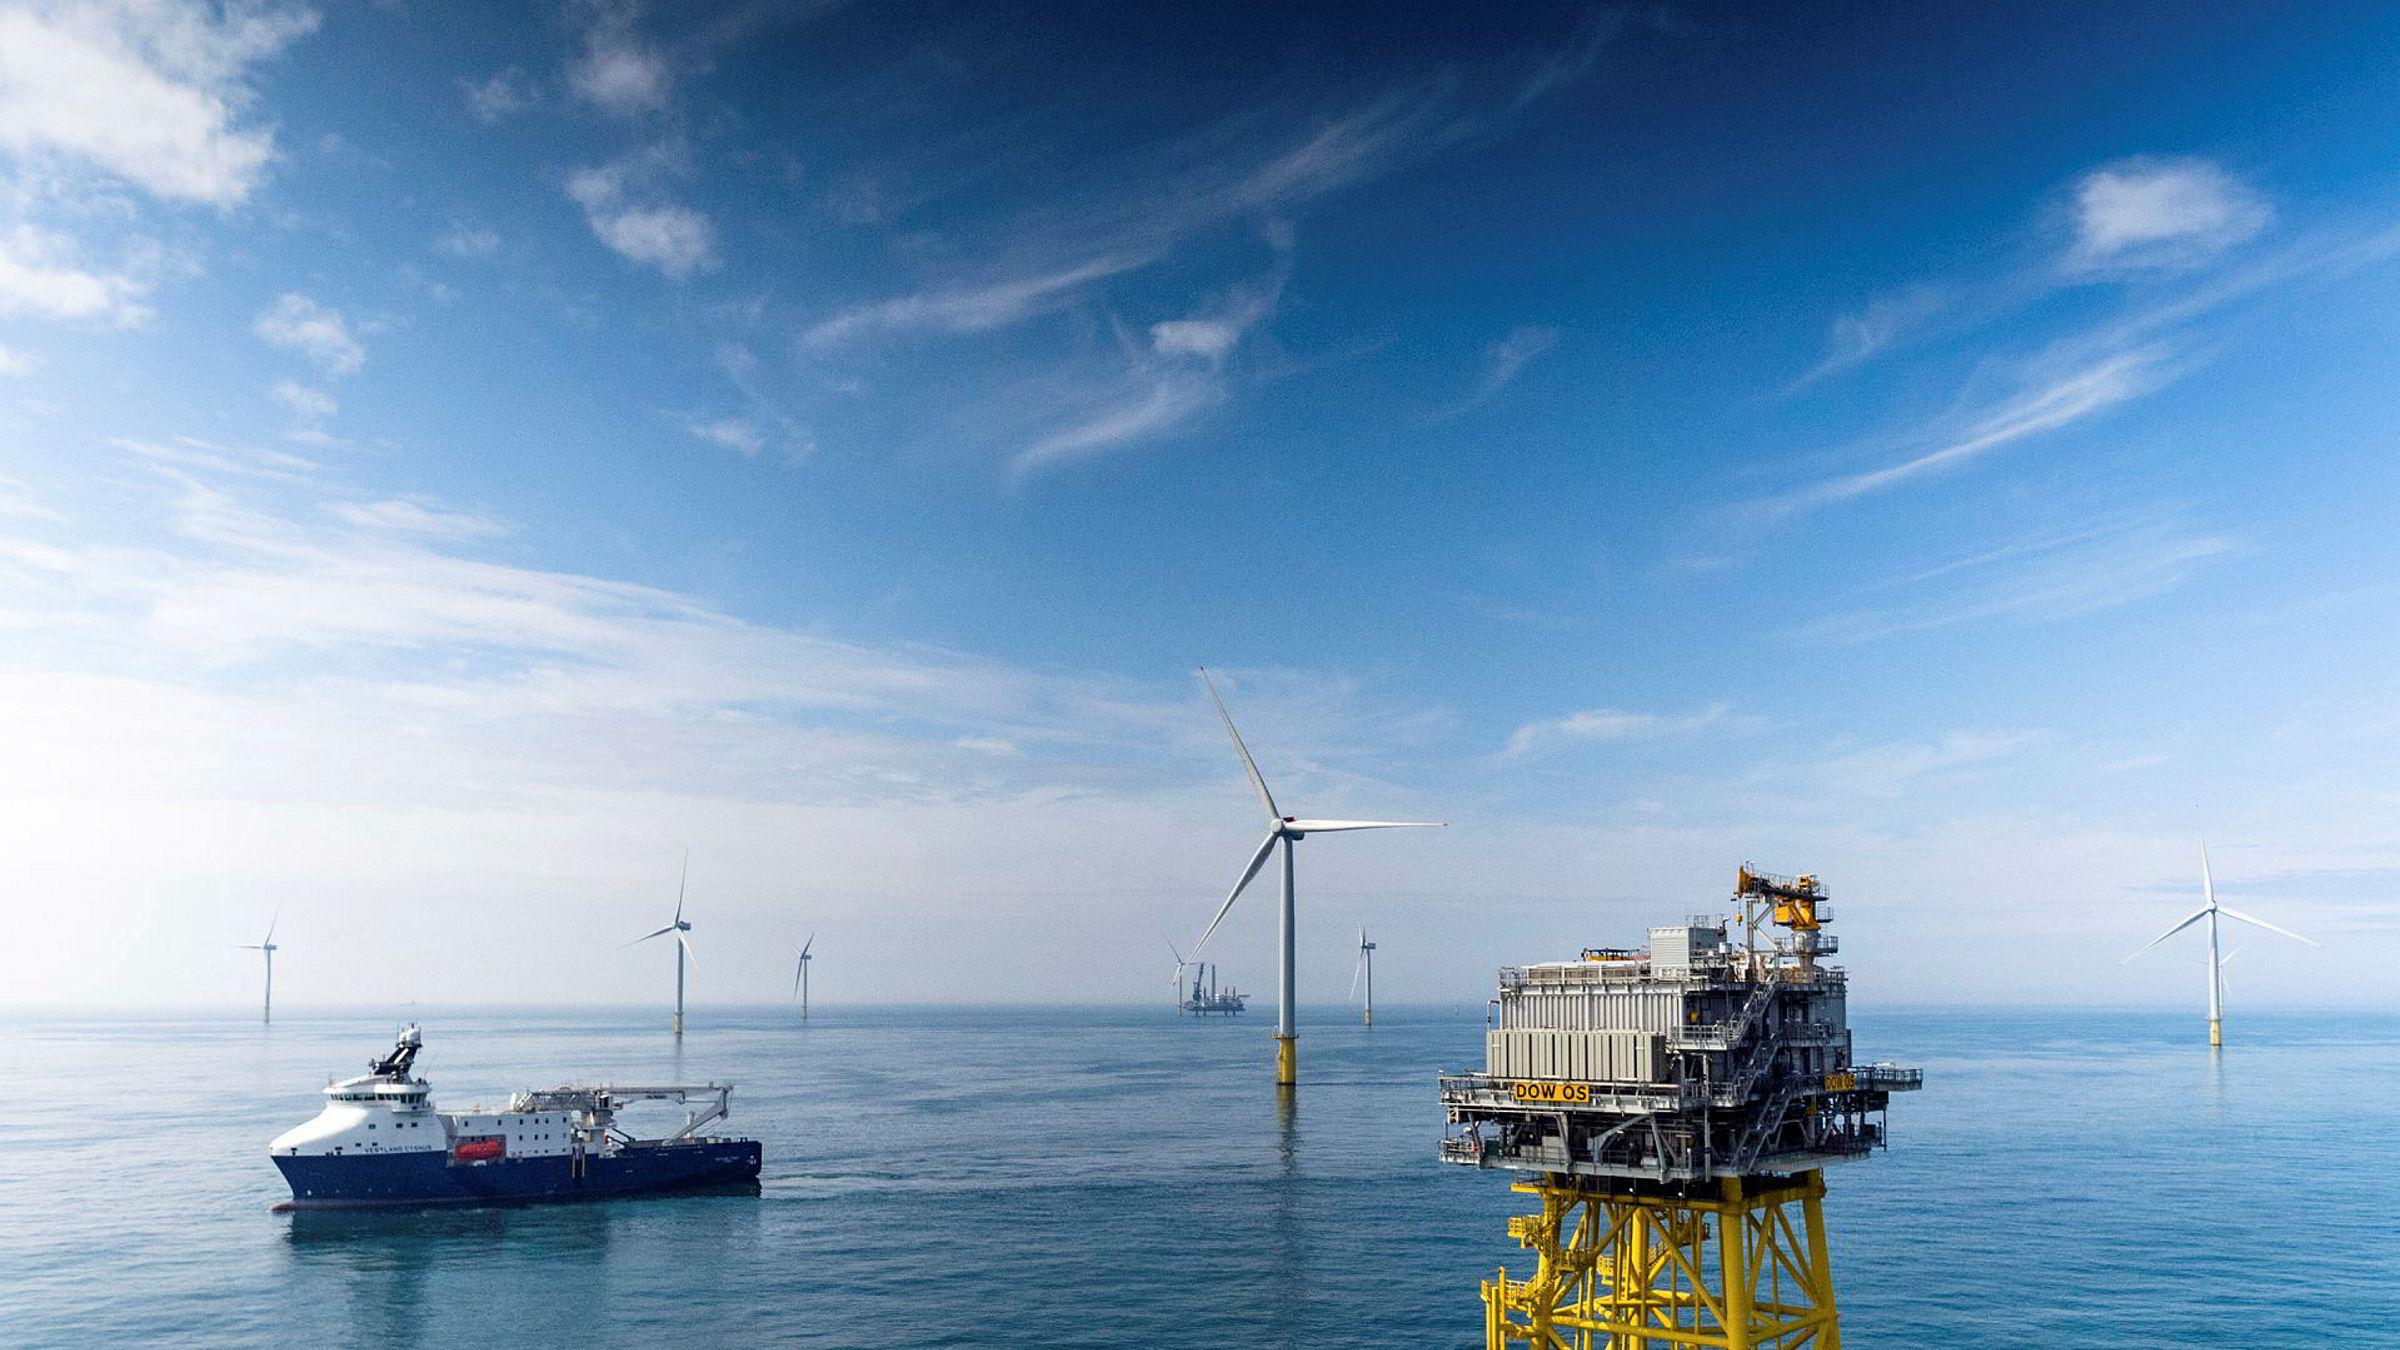 I Norge har vindkraft til havs blitt pekt på som en industrimulighet og en løsning for å unngå konfliktfylte utbygginger på land. Den skotske organisasjonen for hvitfiskprodusenter SWFPA advarer.